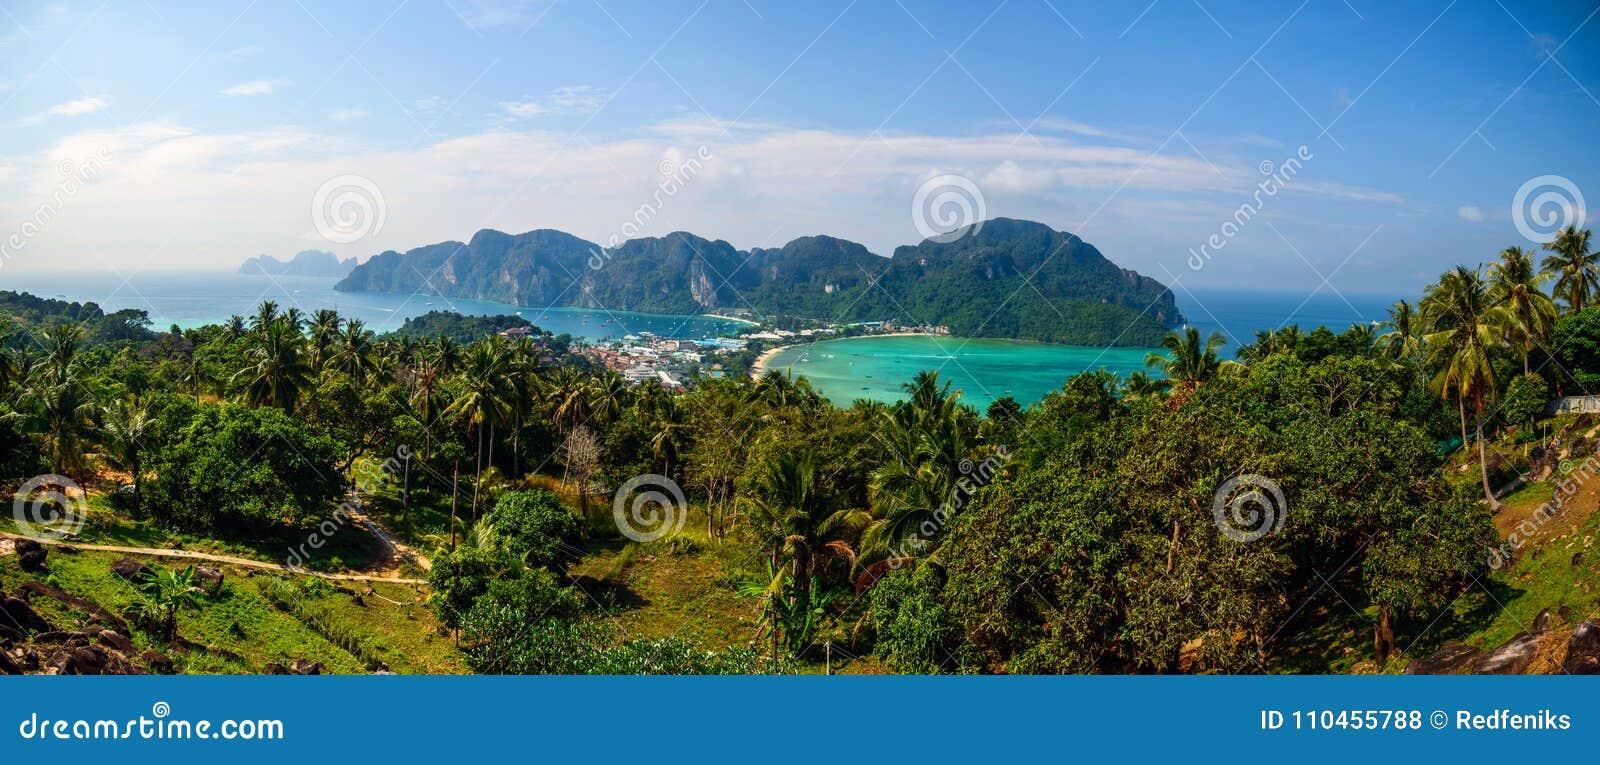 Resa semesterbakgrund - den tropiska ön med semesterorter - Phi-Phien ön, Thailand